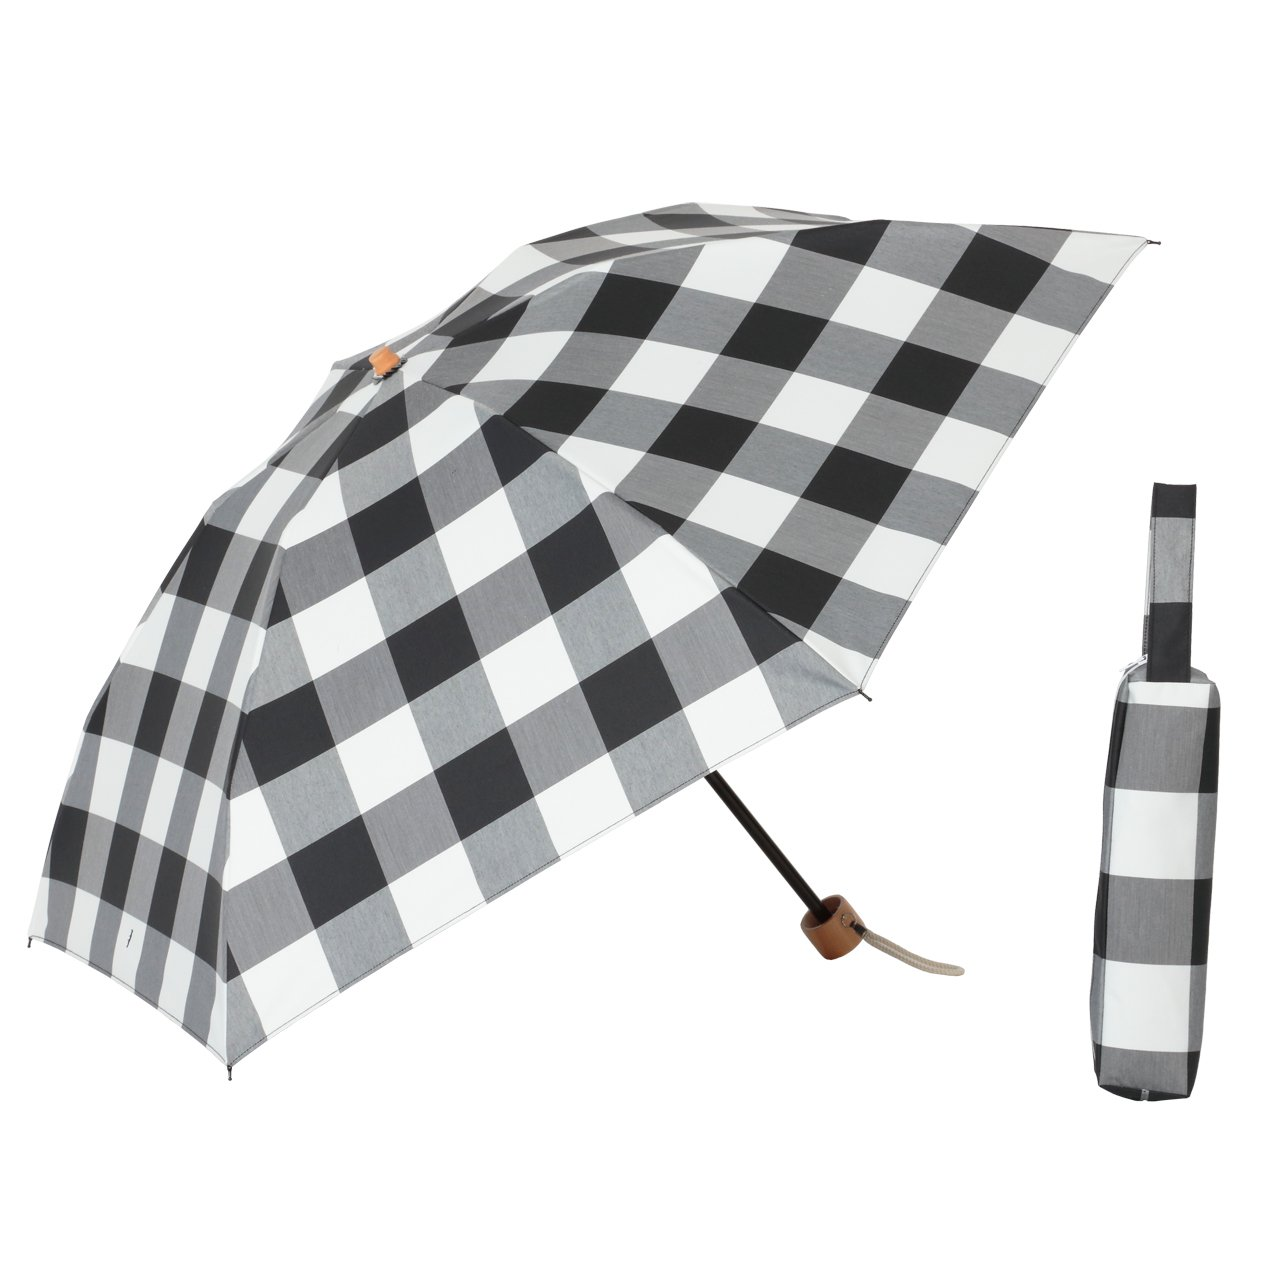 リーベン LIEBEN-0566 手開き 軽量 晴雨兼用 レディース 折り畳み 日傘 ラミネート生地 ギンガムチェック B01N3ABAL4